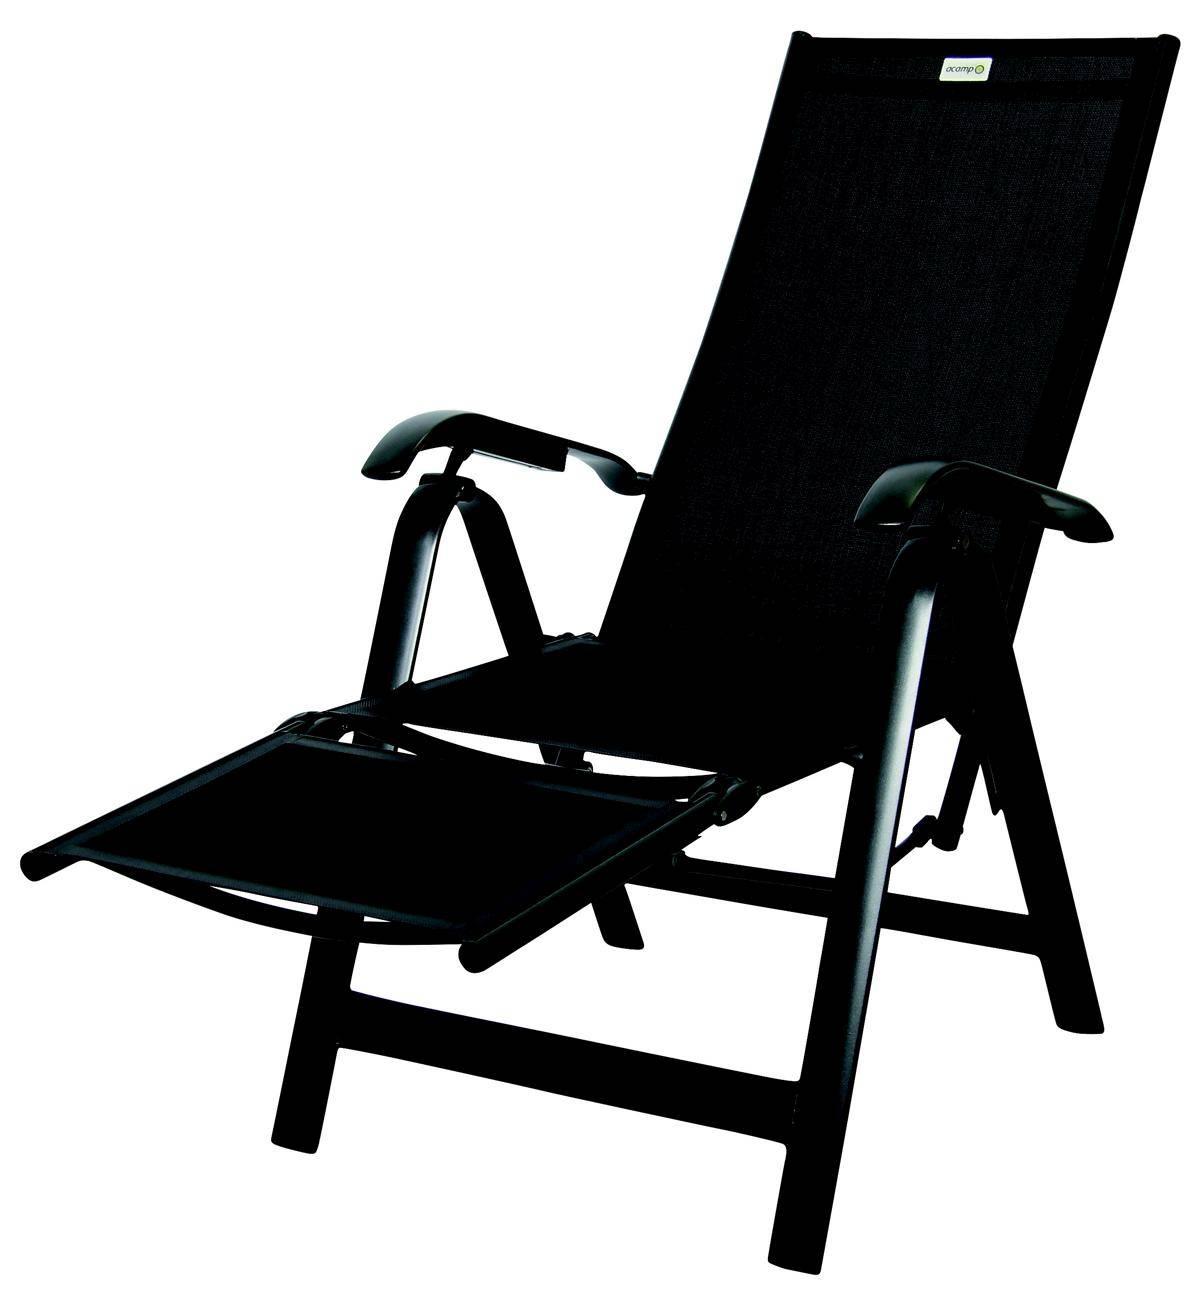 Acamp acatop Relaxsessel 7-fach verstellbar Aluminium Acatex Gewebe anthrazit nero